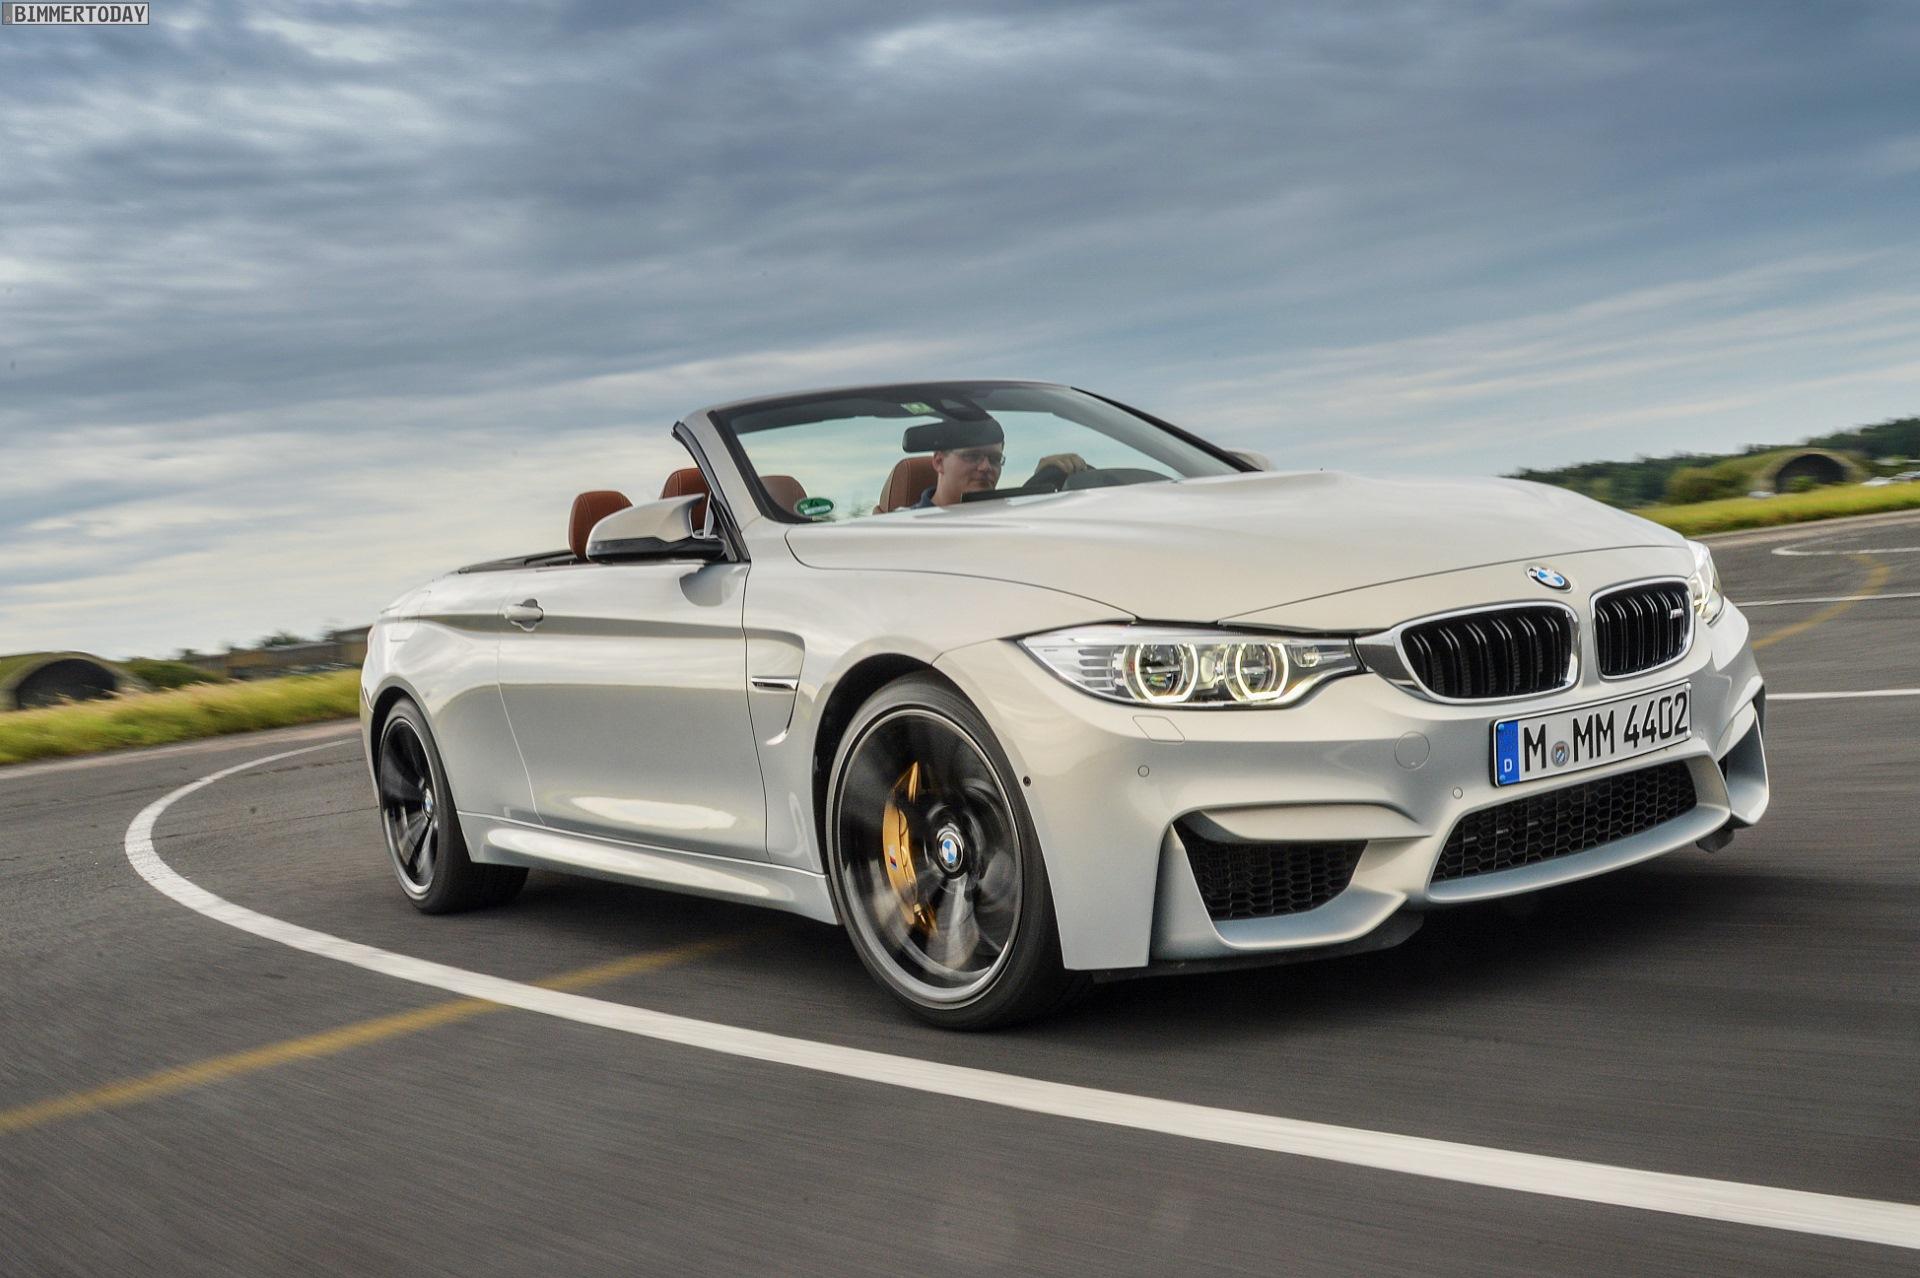 BMW-M4-Cabrio-Fahrbericht-F83-Mondstein-Individual-bimmer-today